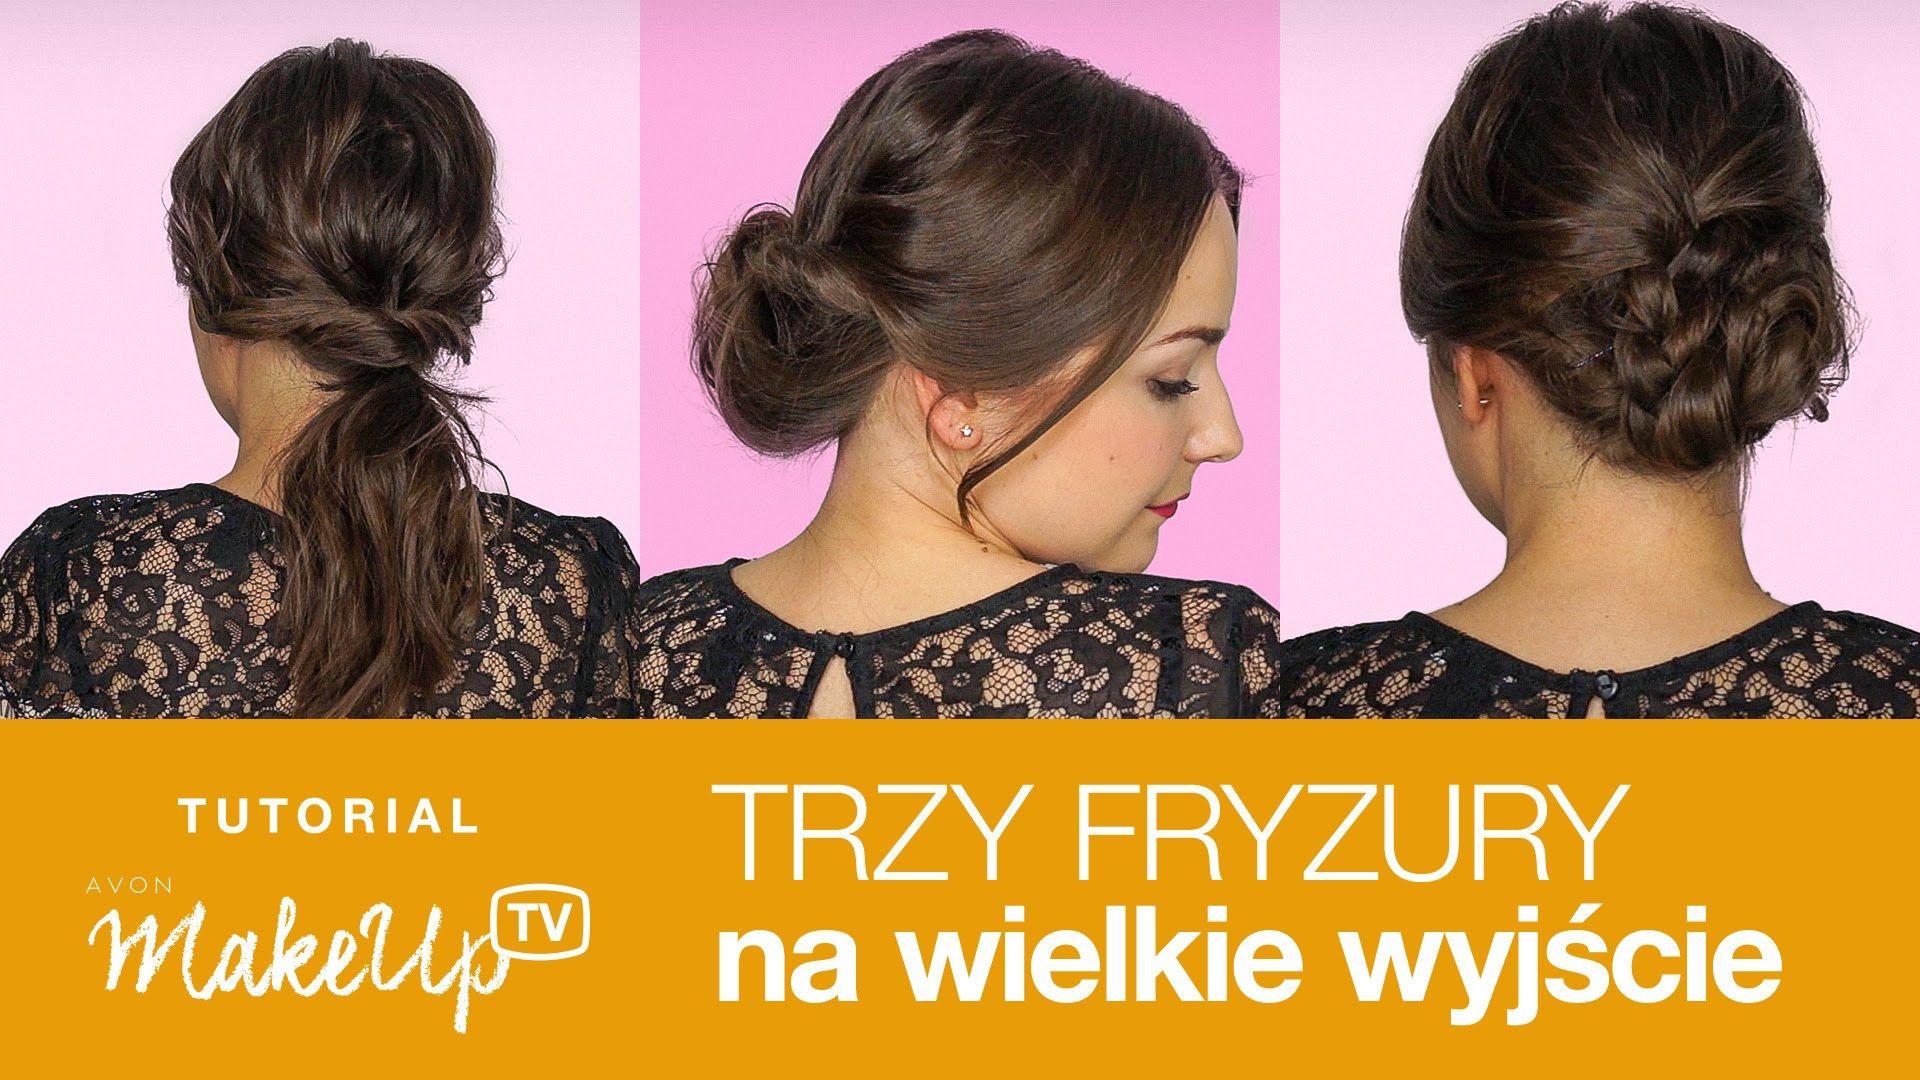 Zrob To Sama Trzy Fryzury Na Wielkie Wyjscie Hair Styles Hair Beauty